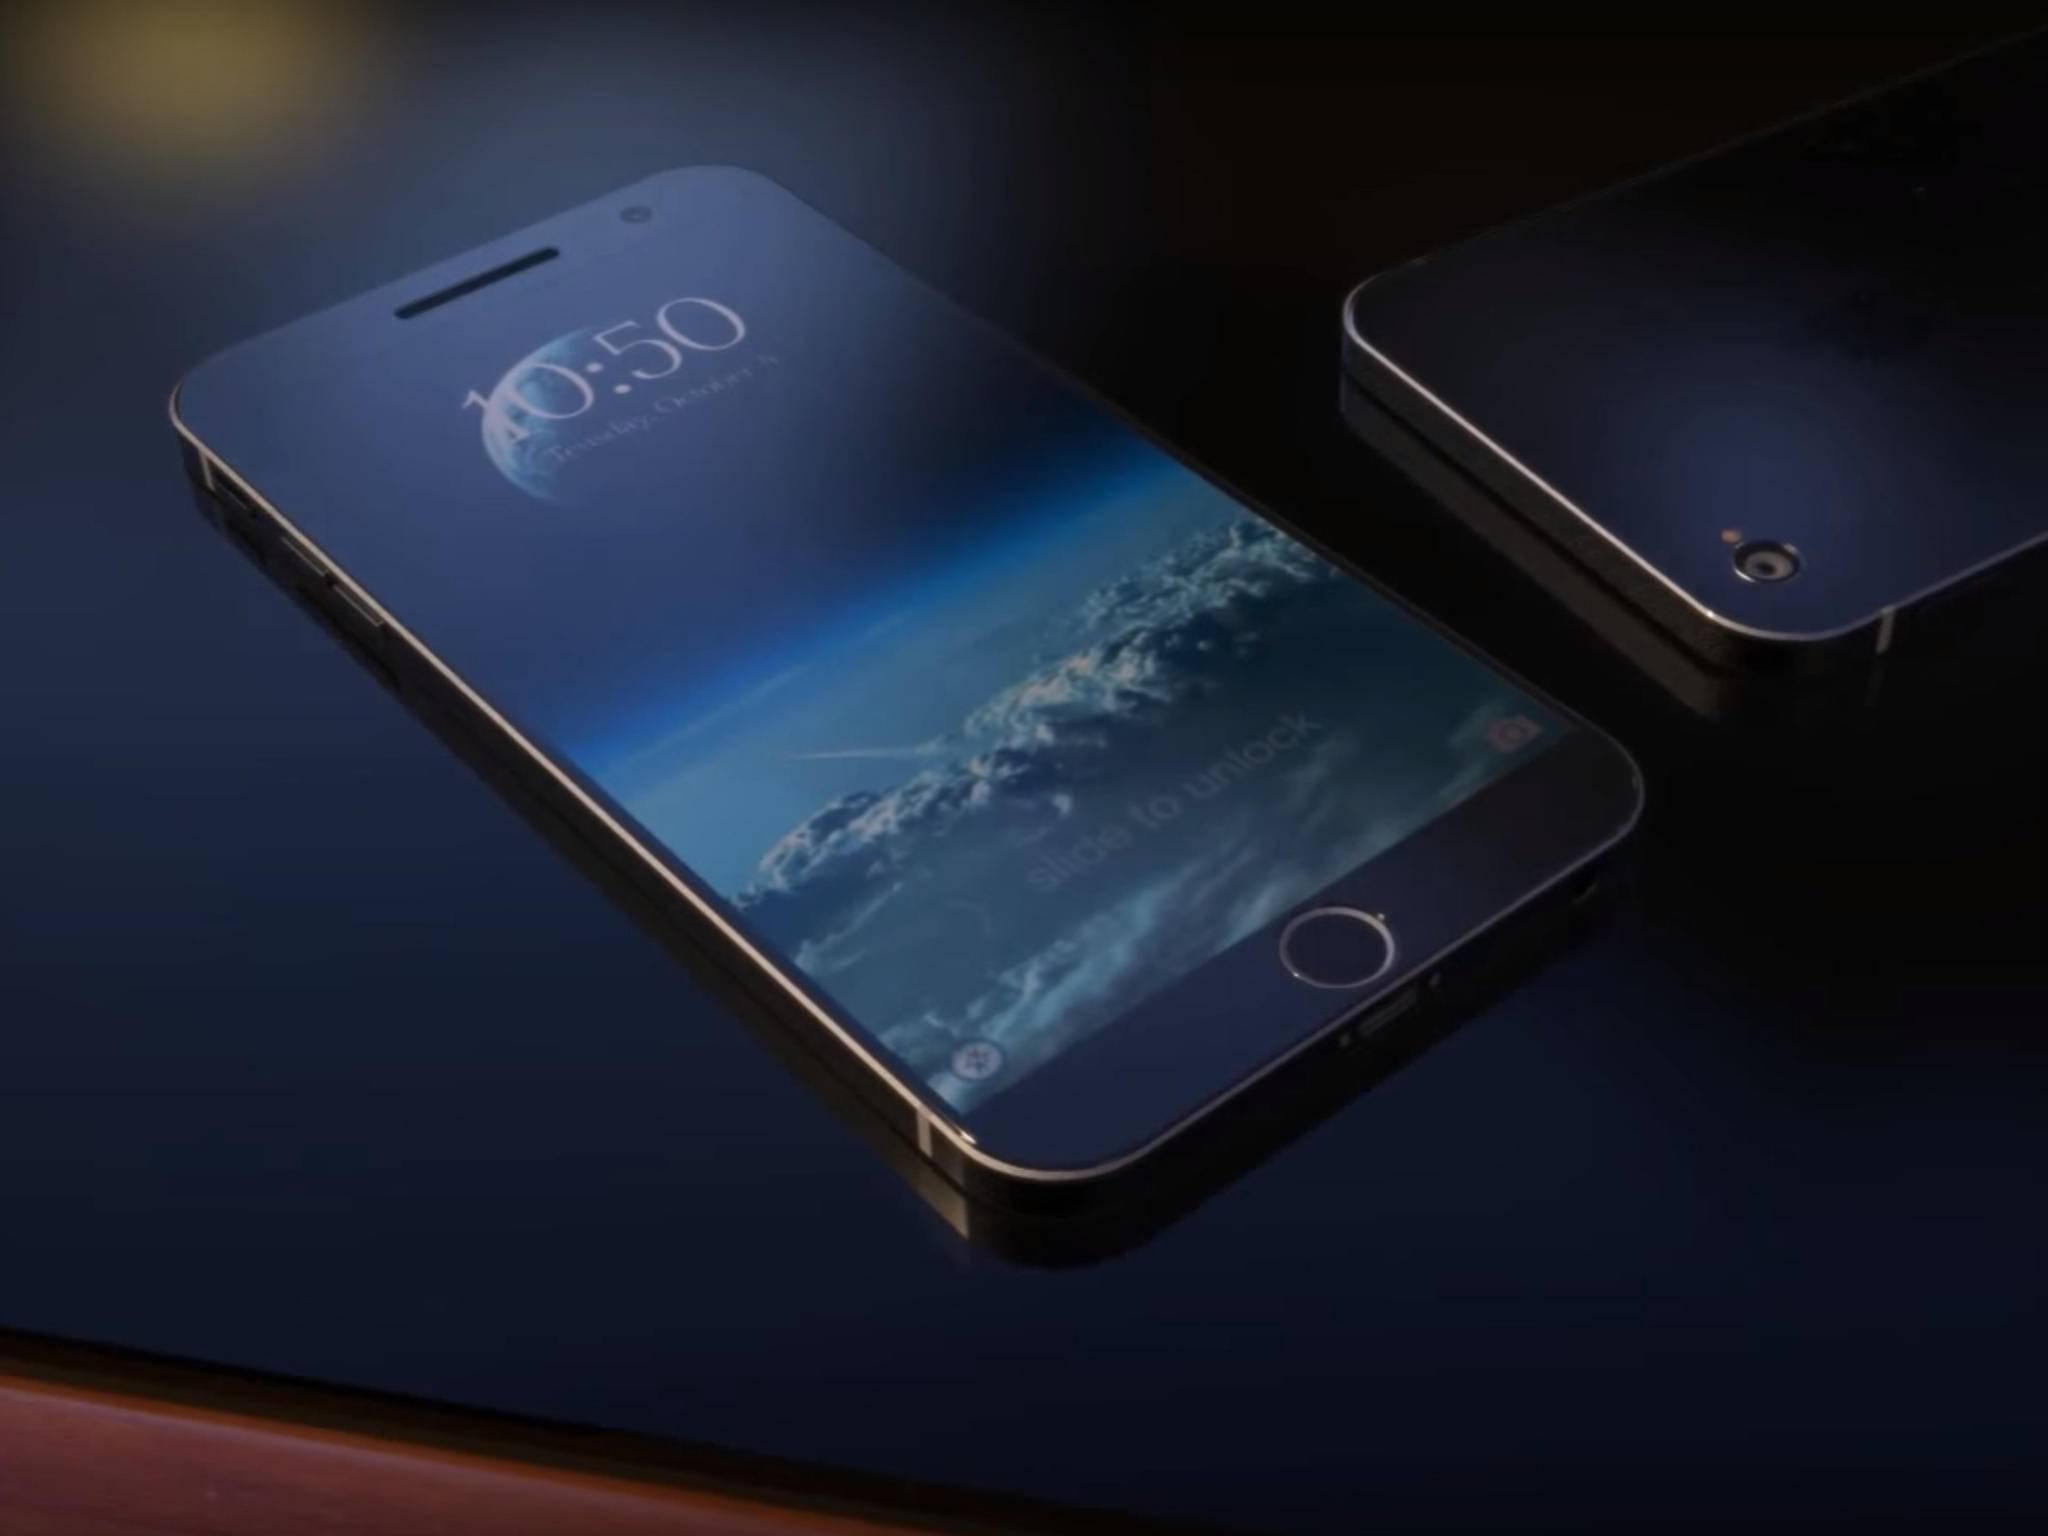 Diese Konzeptstudie des iPhone 7 ähnelt dem im Video gezeigten Gerät.